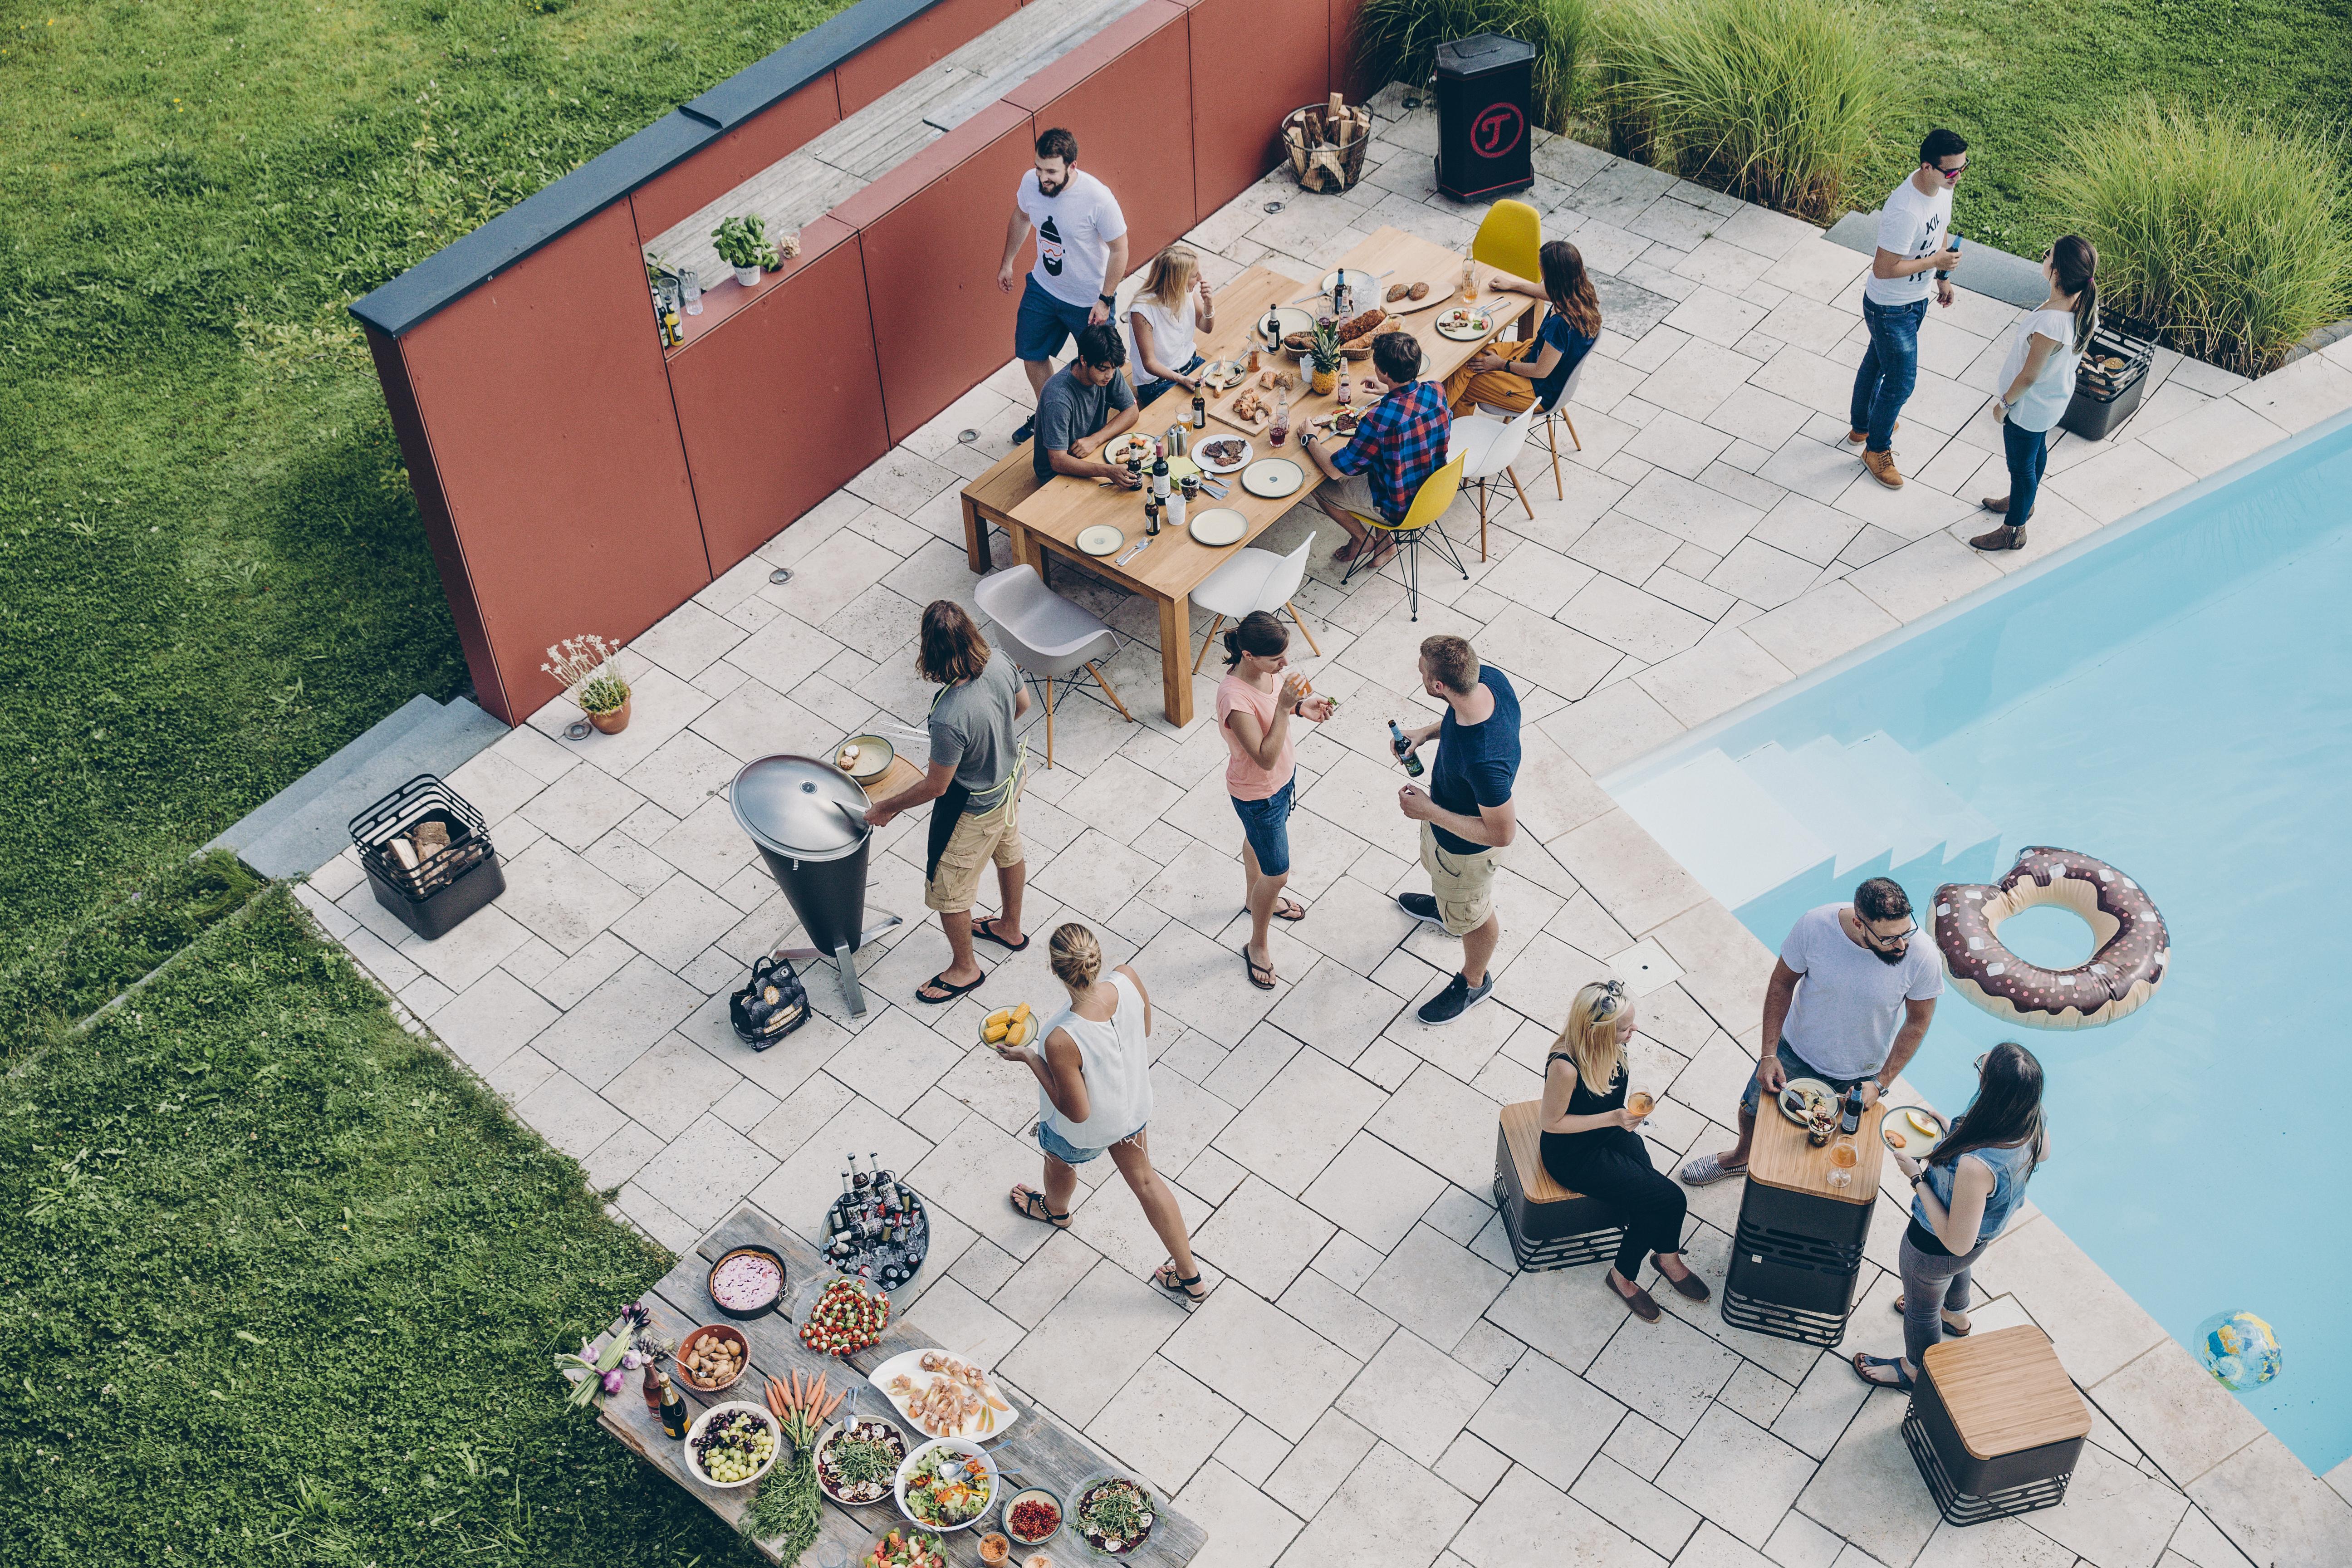 Outdoorküche Möbel Zug : Tag der offenen tür u2013 eröffnung der outdoor möbel saison u2013 uhl